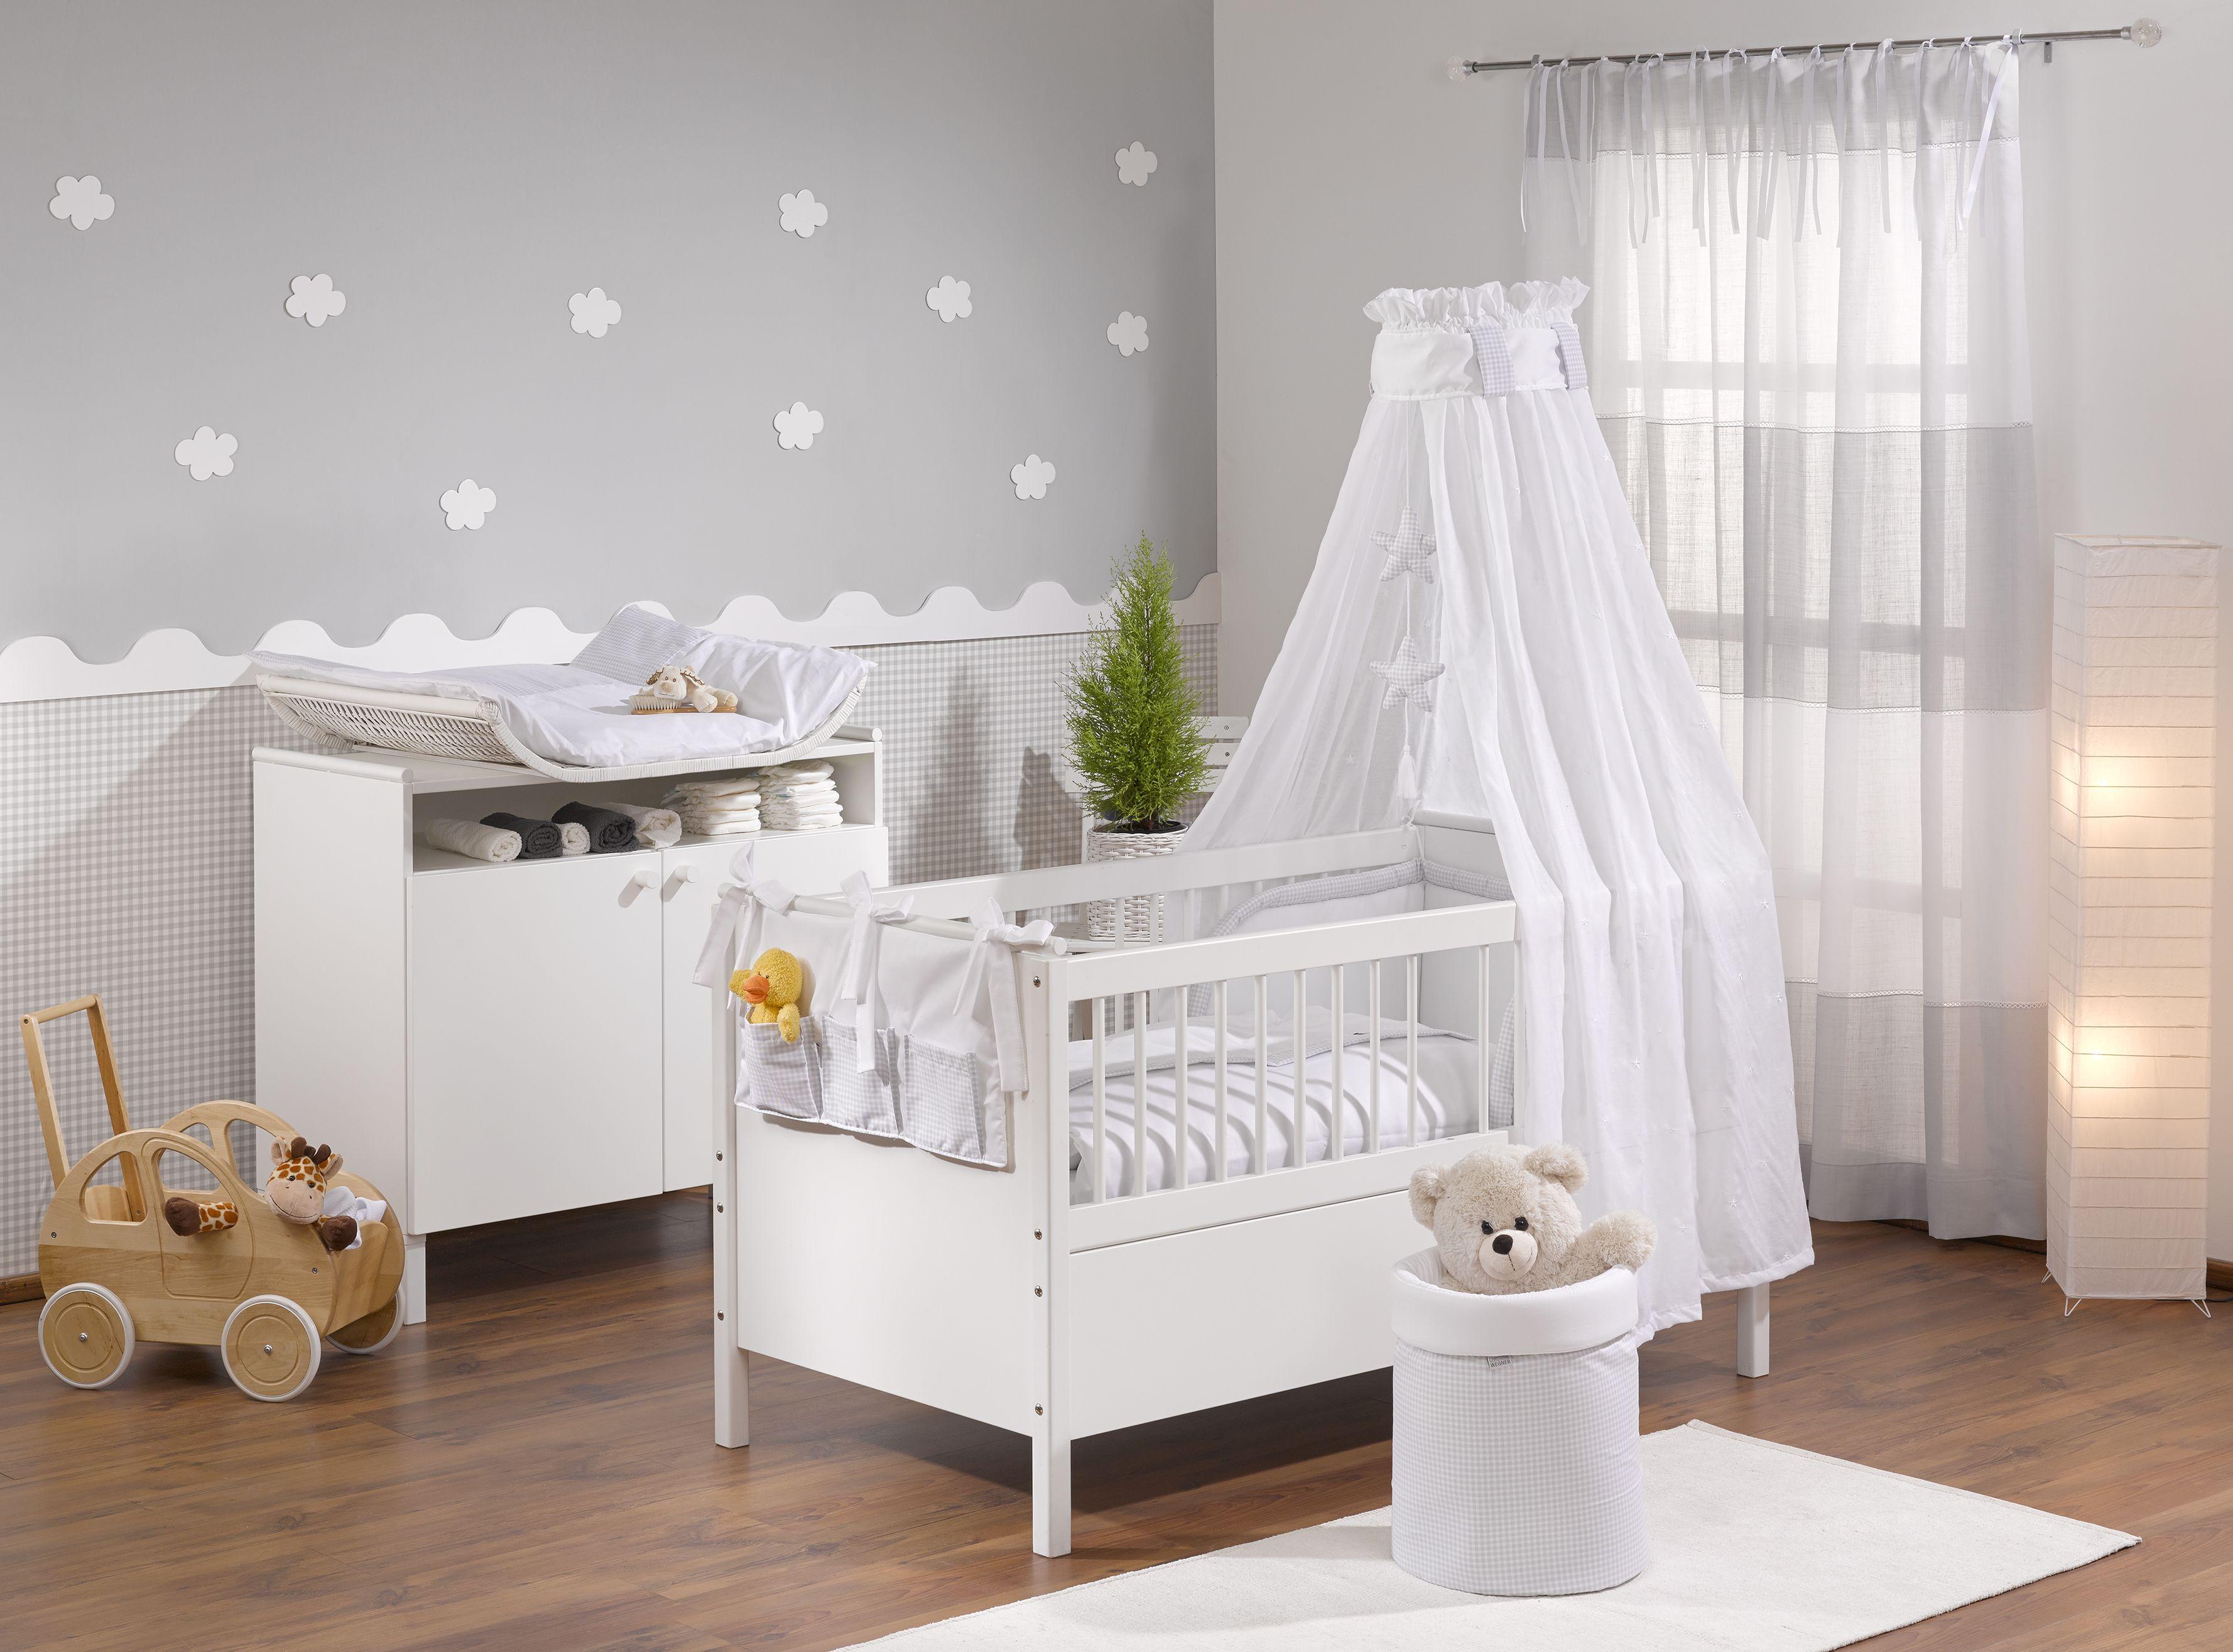 Babyzimmer junge blau grau  75 besten Babyzimmer Bilder auf Pinterest | Kinderzimmer ...